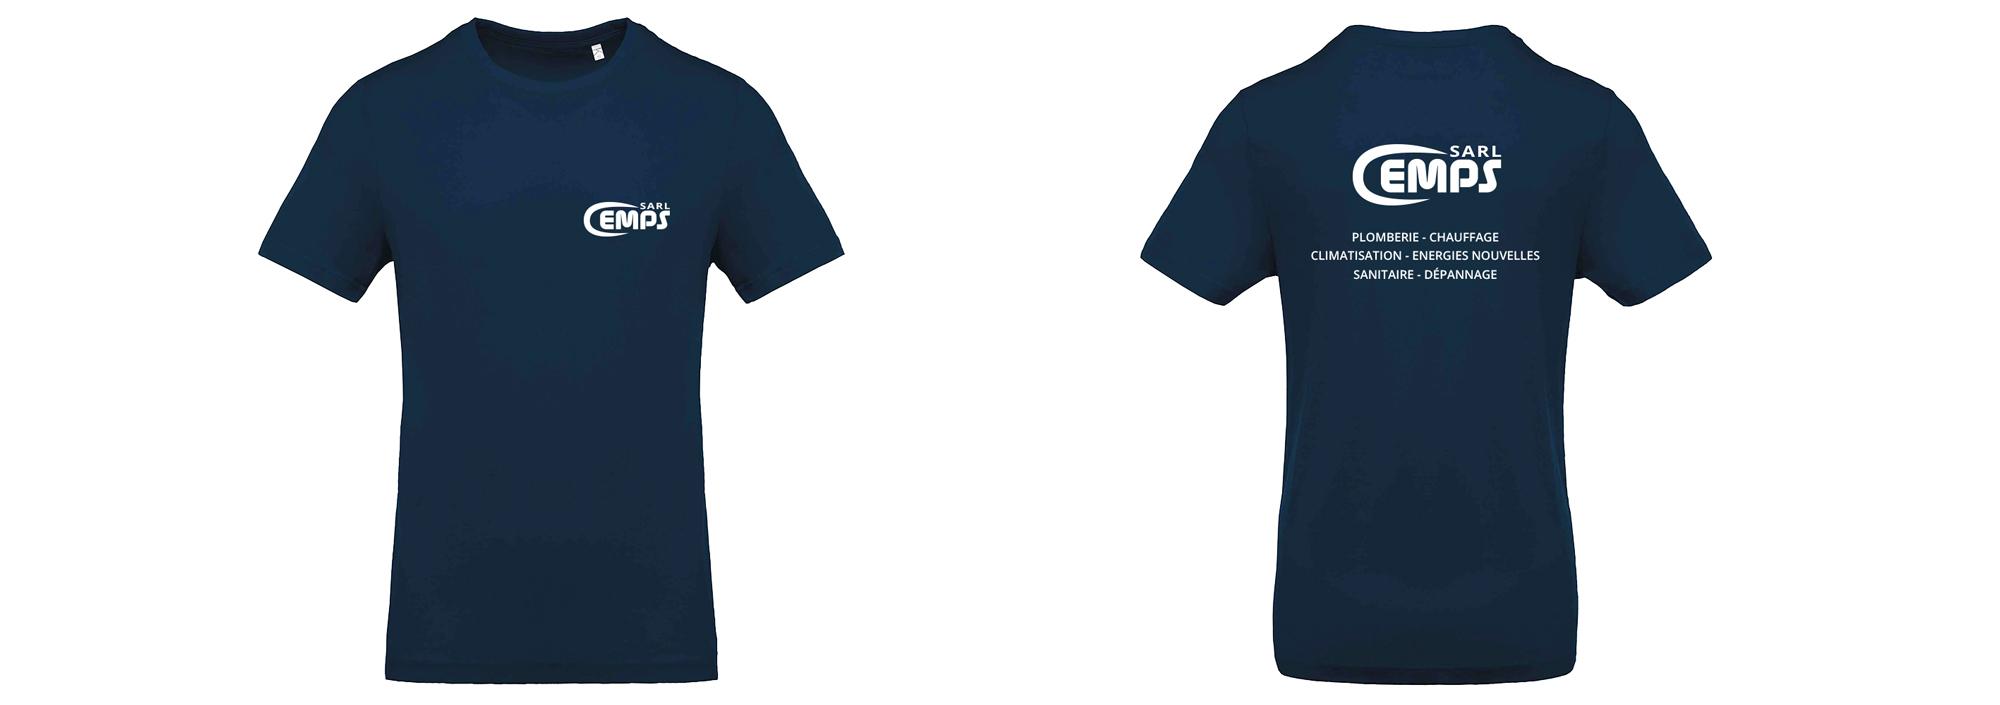 Tshirt-EMPS-1.1